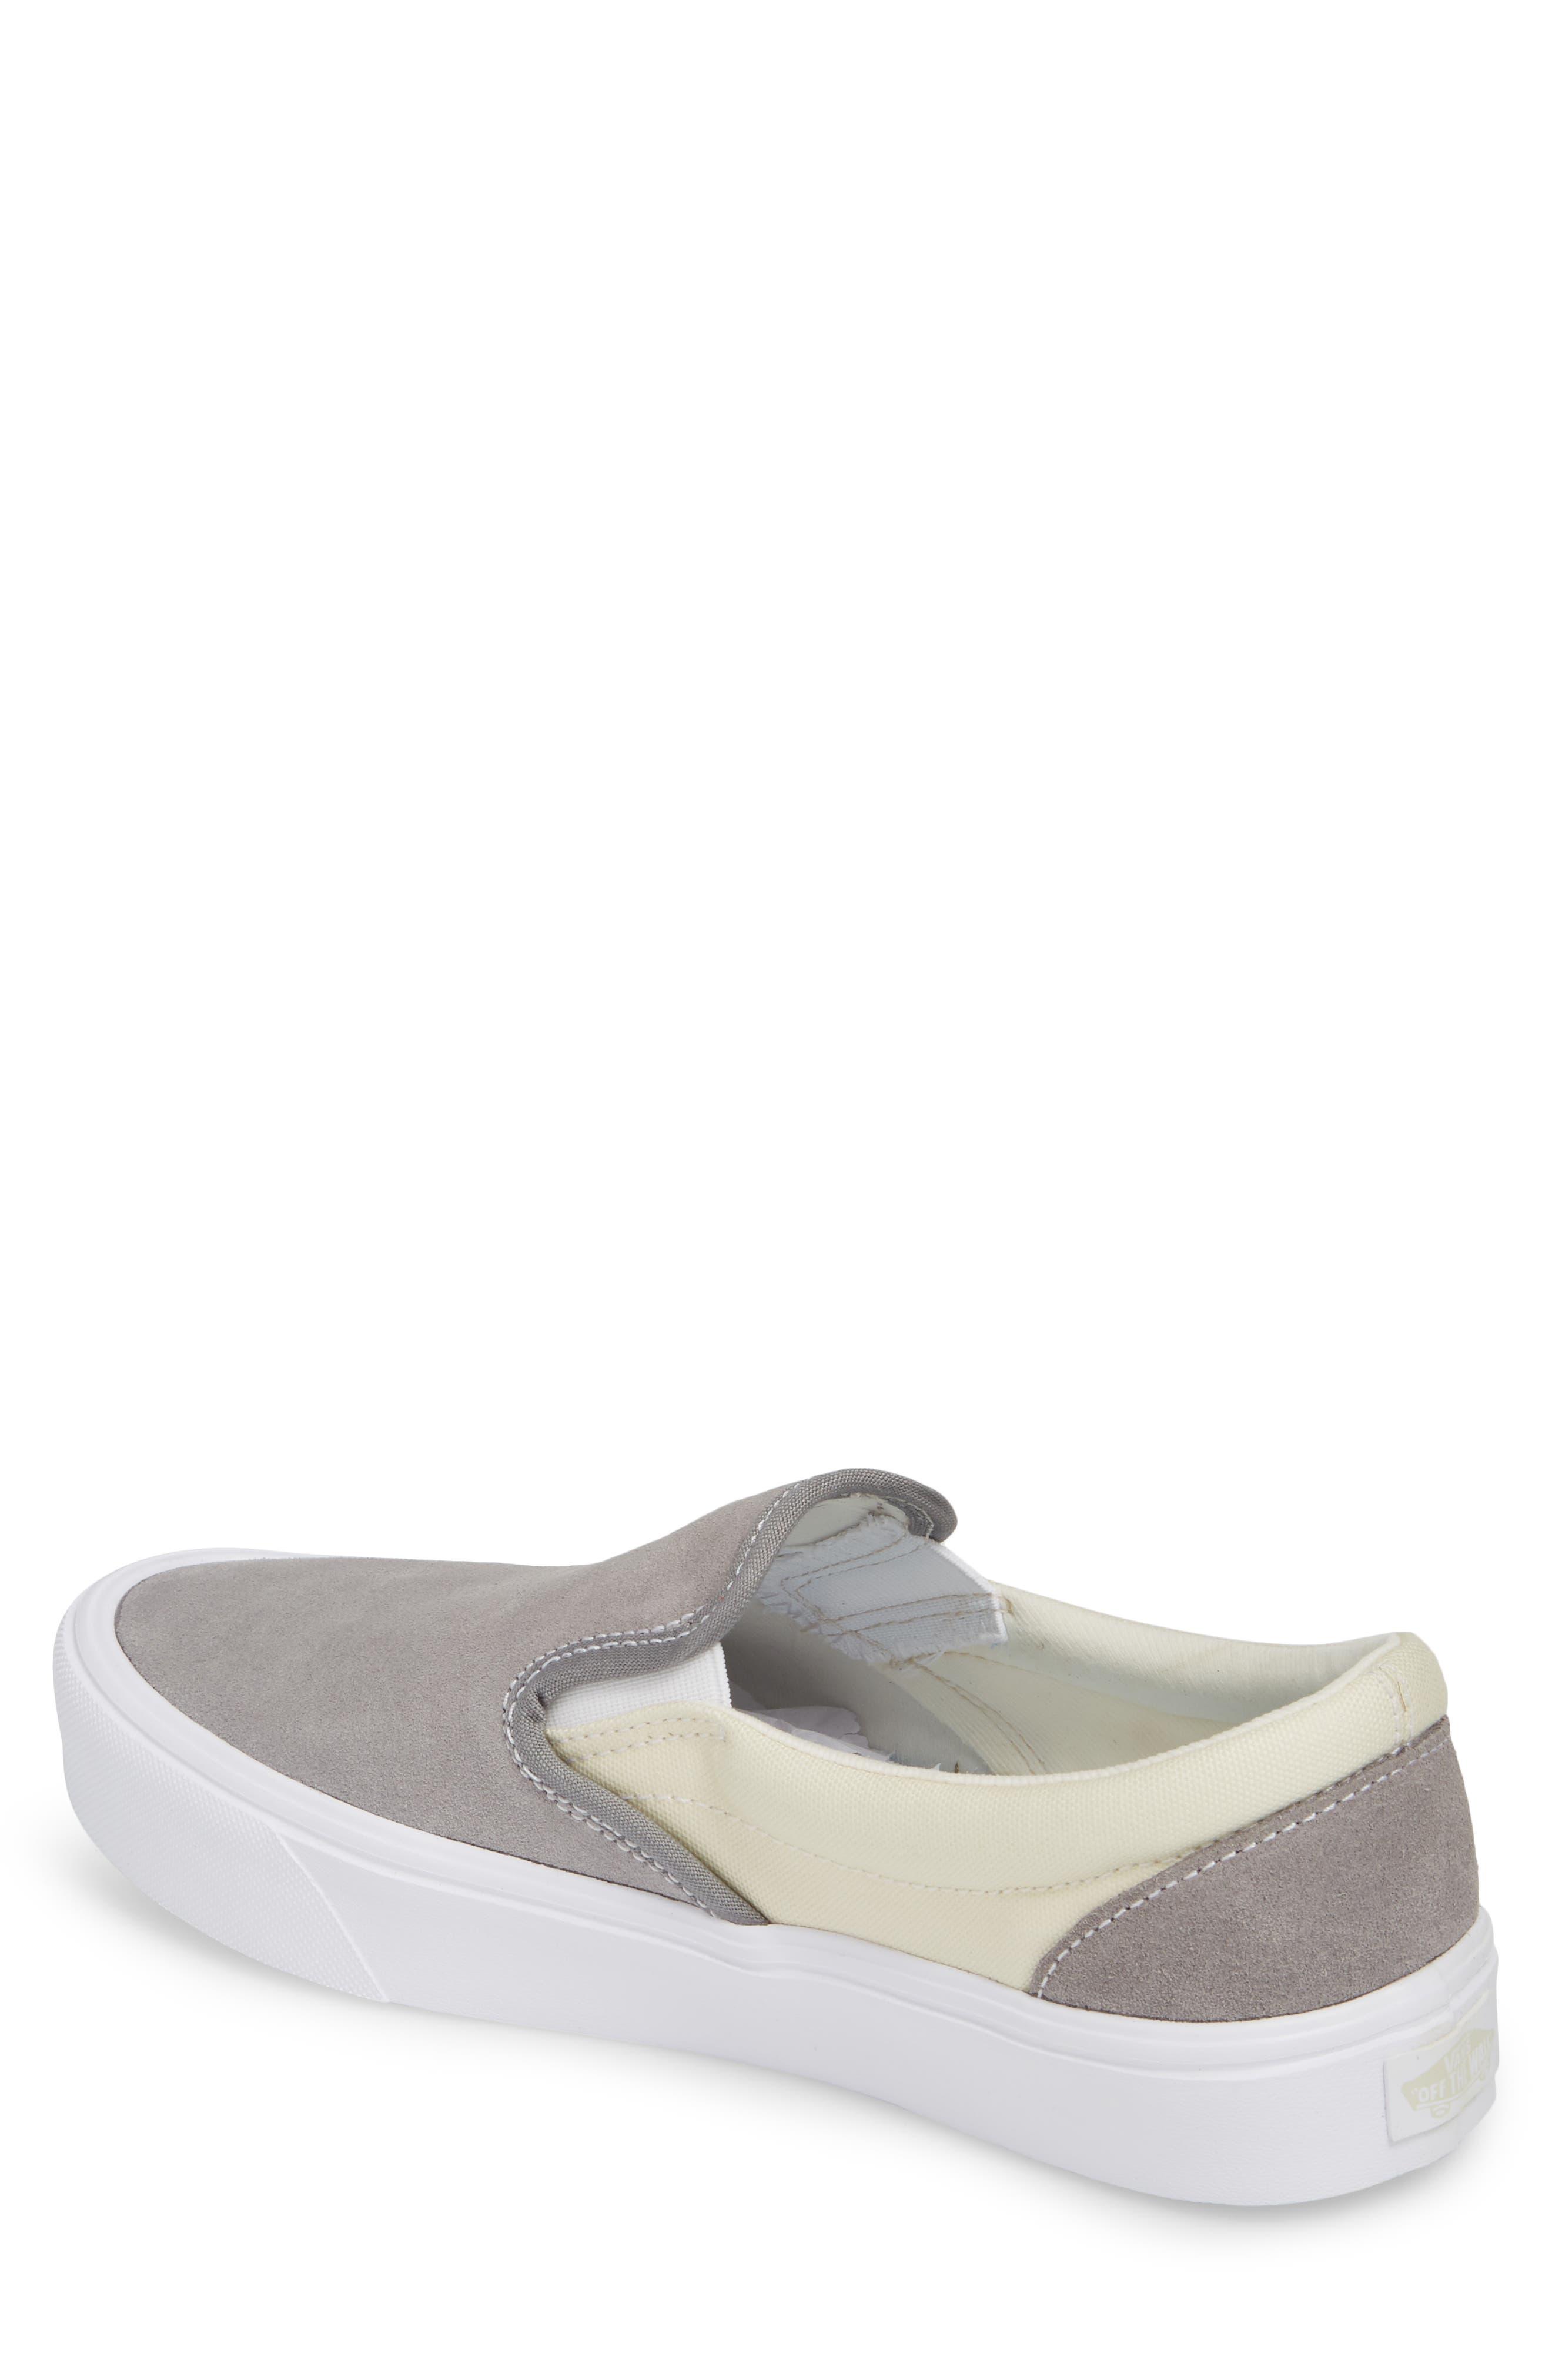 Lite Slip-On Sneaker,                             Alternate thumbnail 2, color,